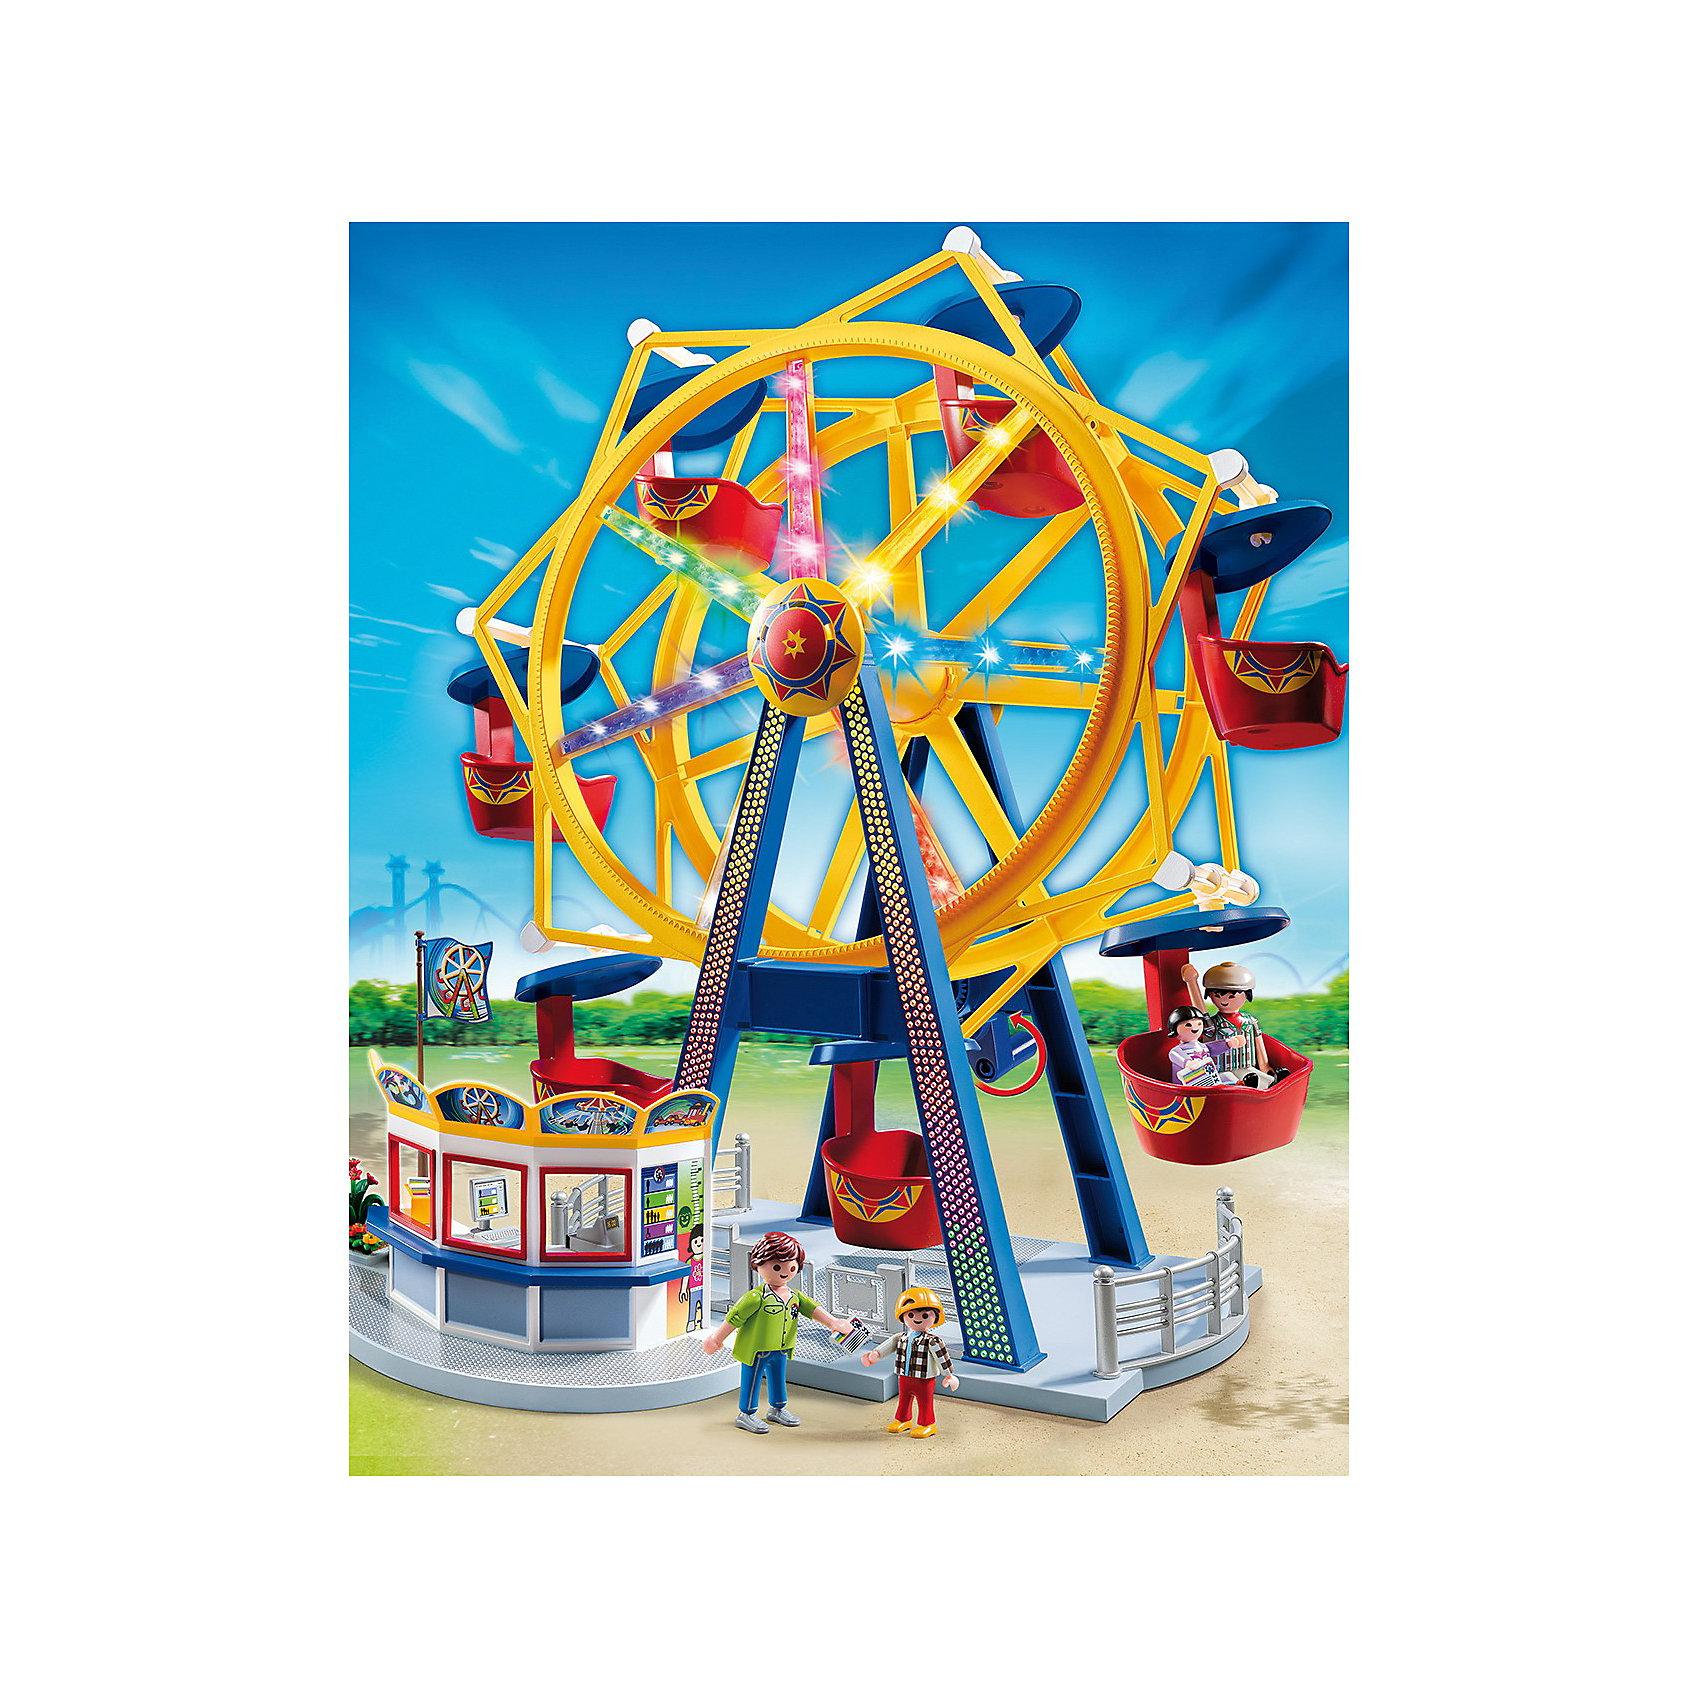 PLAYMOBIL® PLAYMOBIL 5552 Парк Развлечений: Колесо обозрения с огнями конструкторы playmobil паркрразвлечений аттракцион лодка